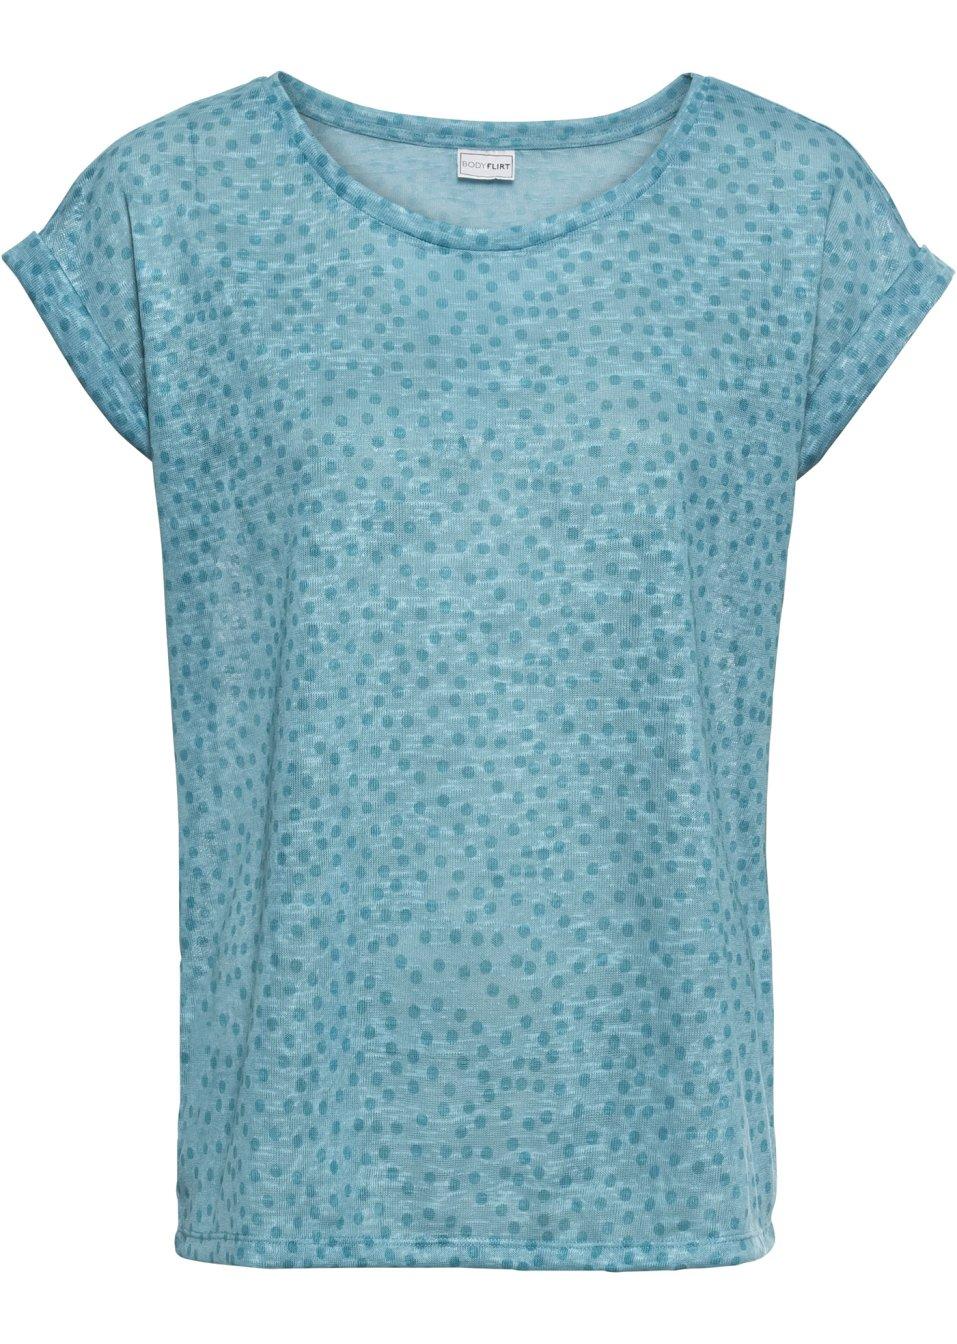 Wunderschönes Kurzarm-Shirt mit Allover-Muster und Ärmelumschlag - türkis gepunktet udZQc 2ECOR